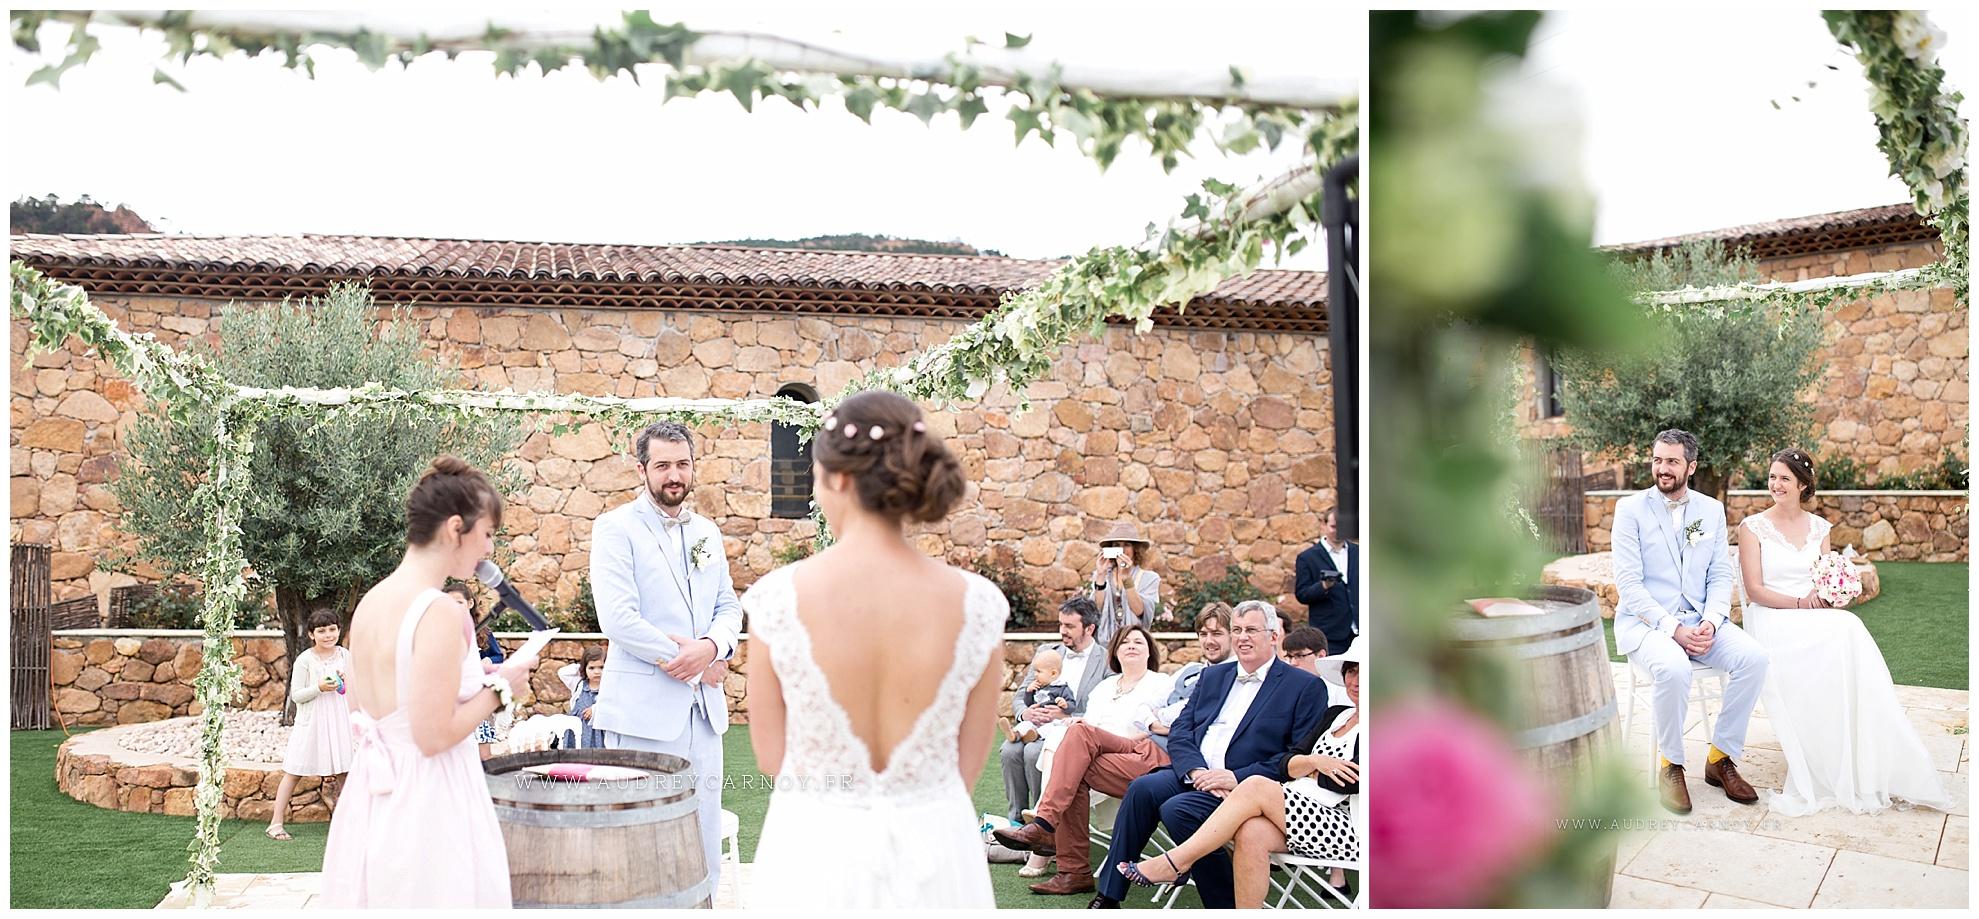 Mariage au domaine de la Bouverie - Roquebrunes sur Argens | Sophie & Nicolas 33